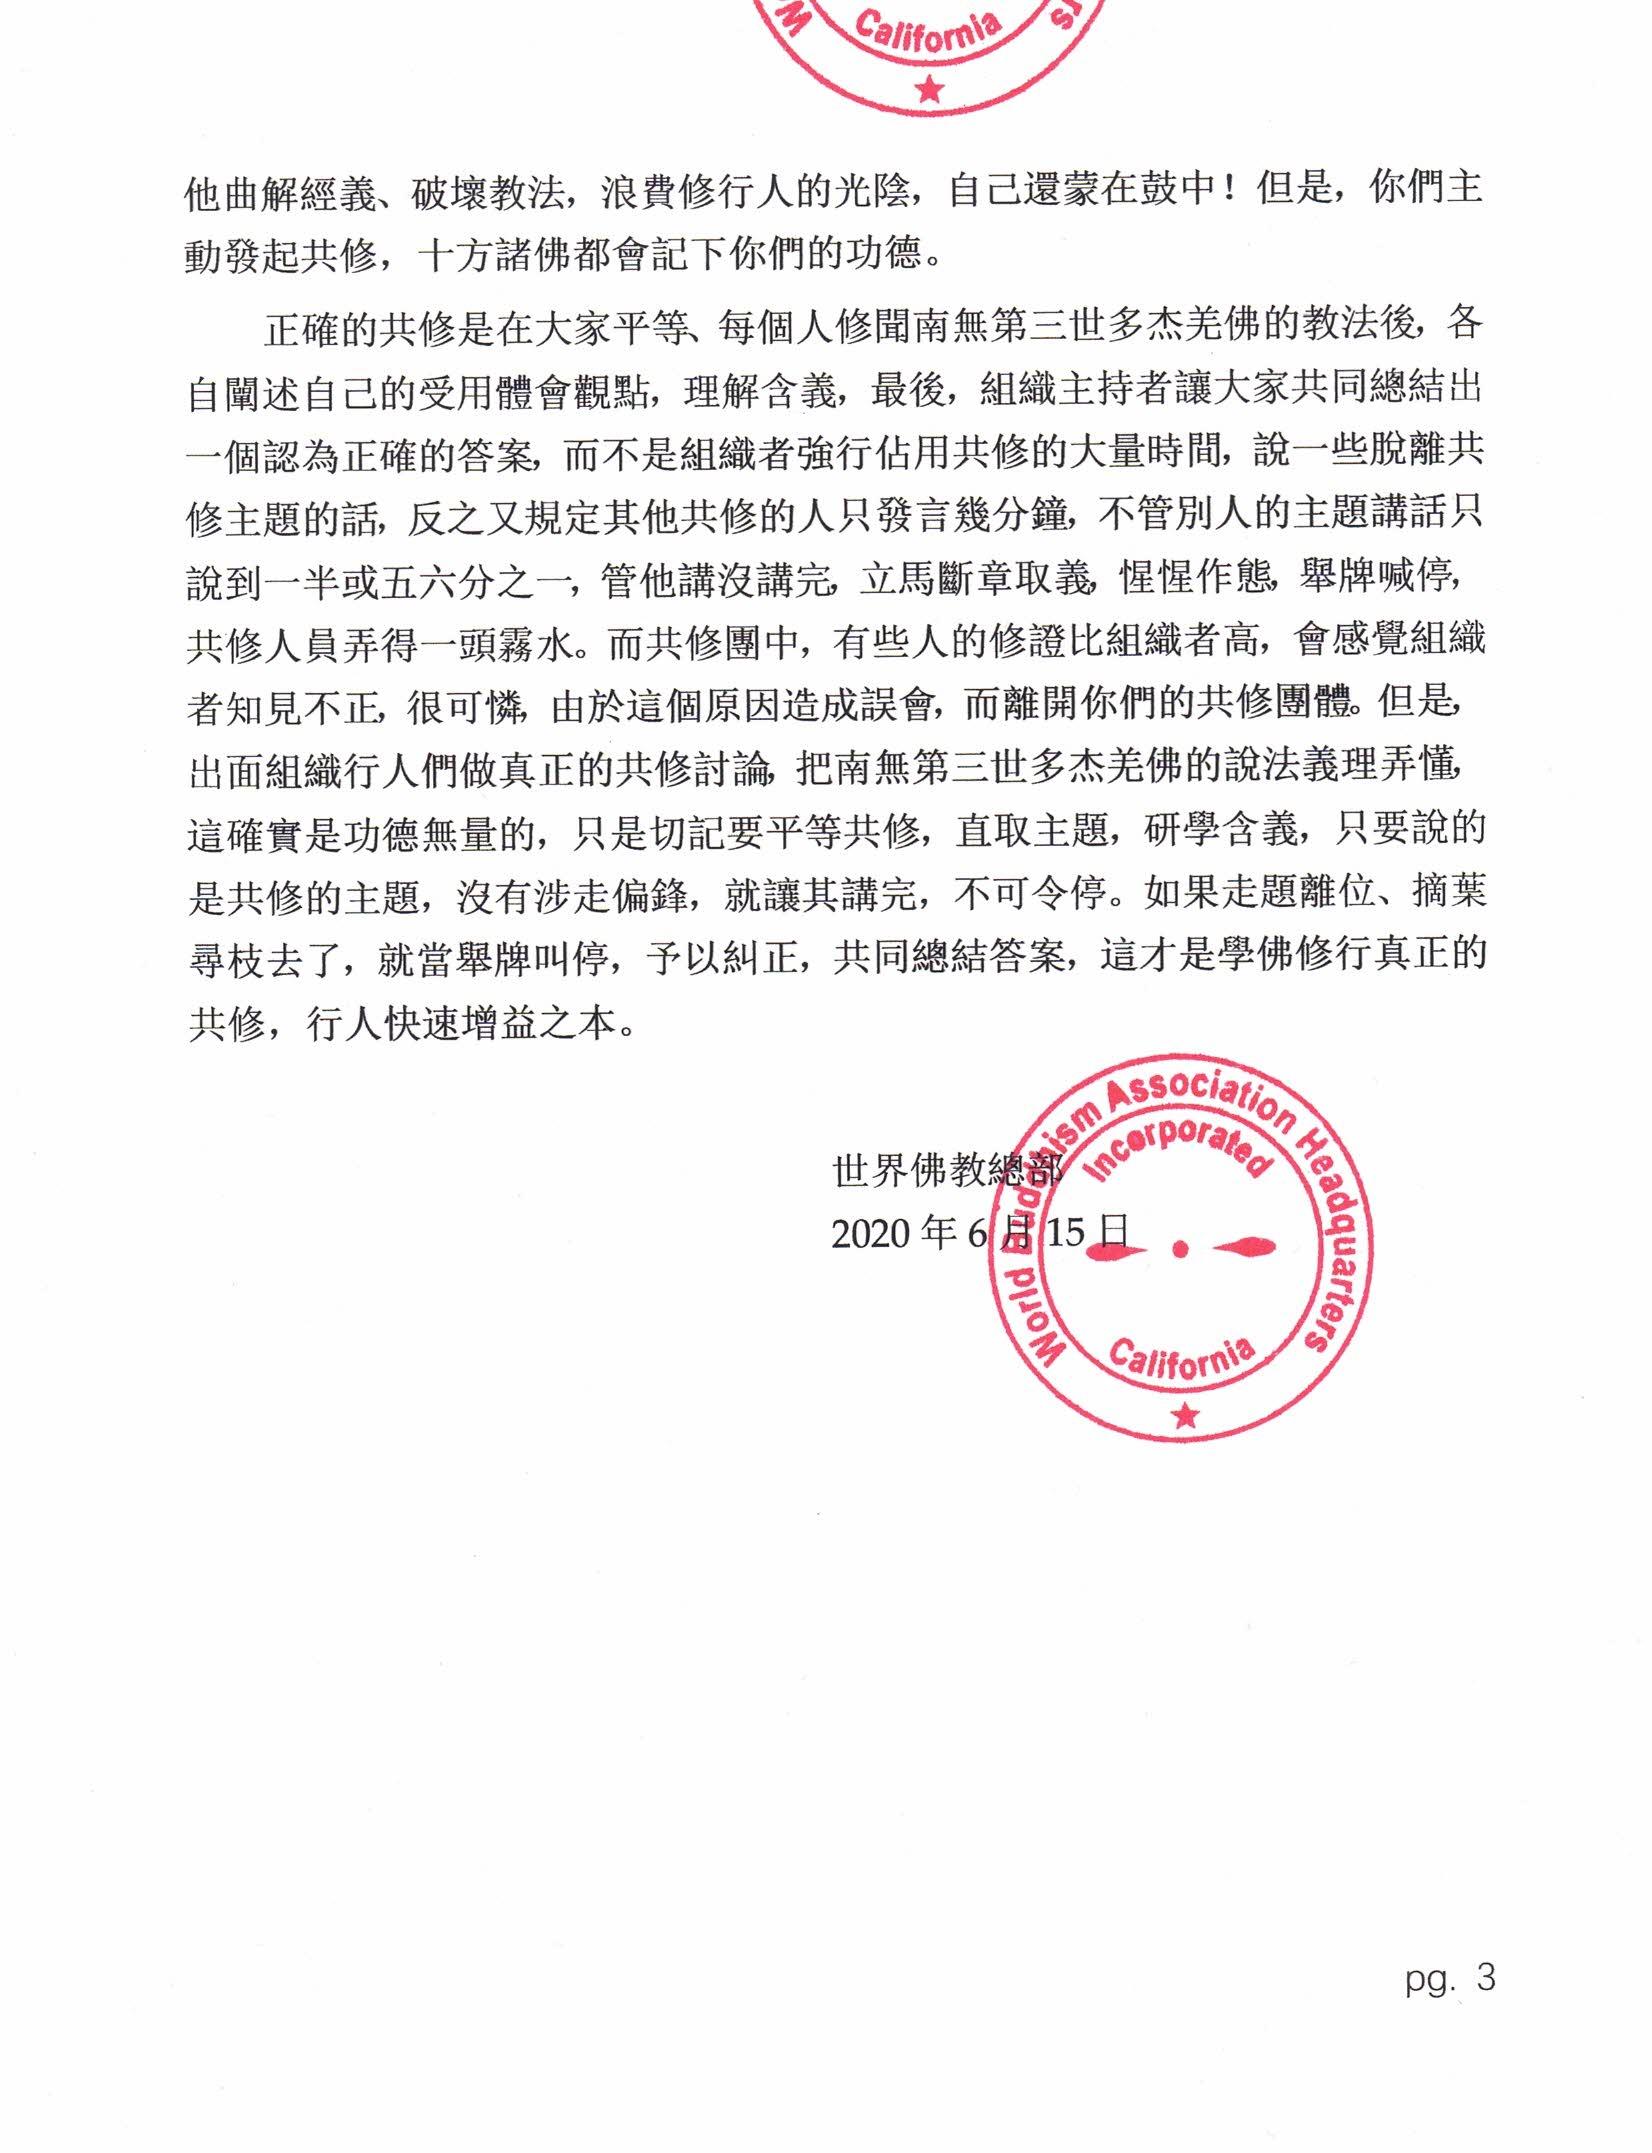 3 - 世界佛教總部公告(公告字第20200102號)- 正確的共修——共修不可走題涉偏鋒